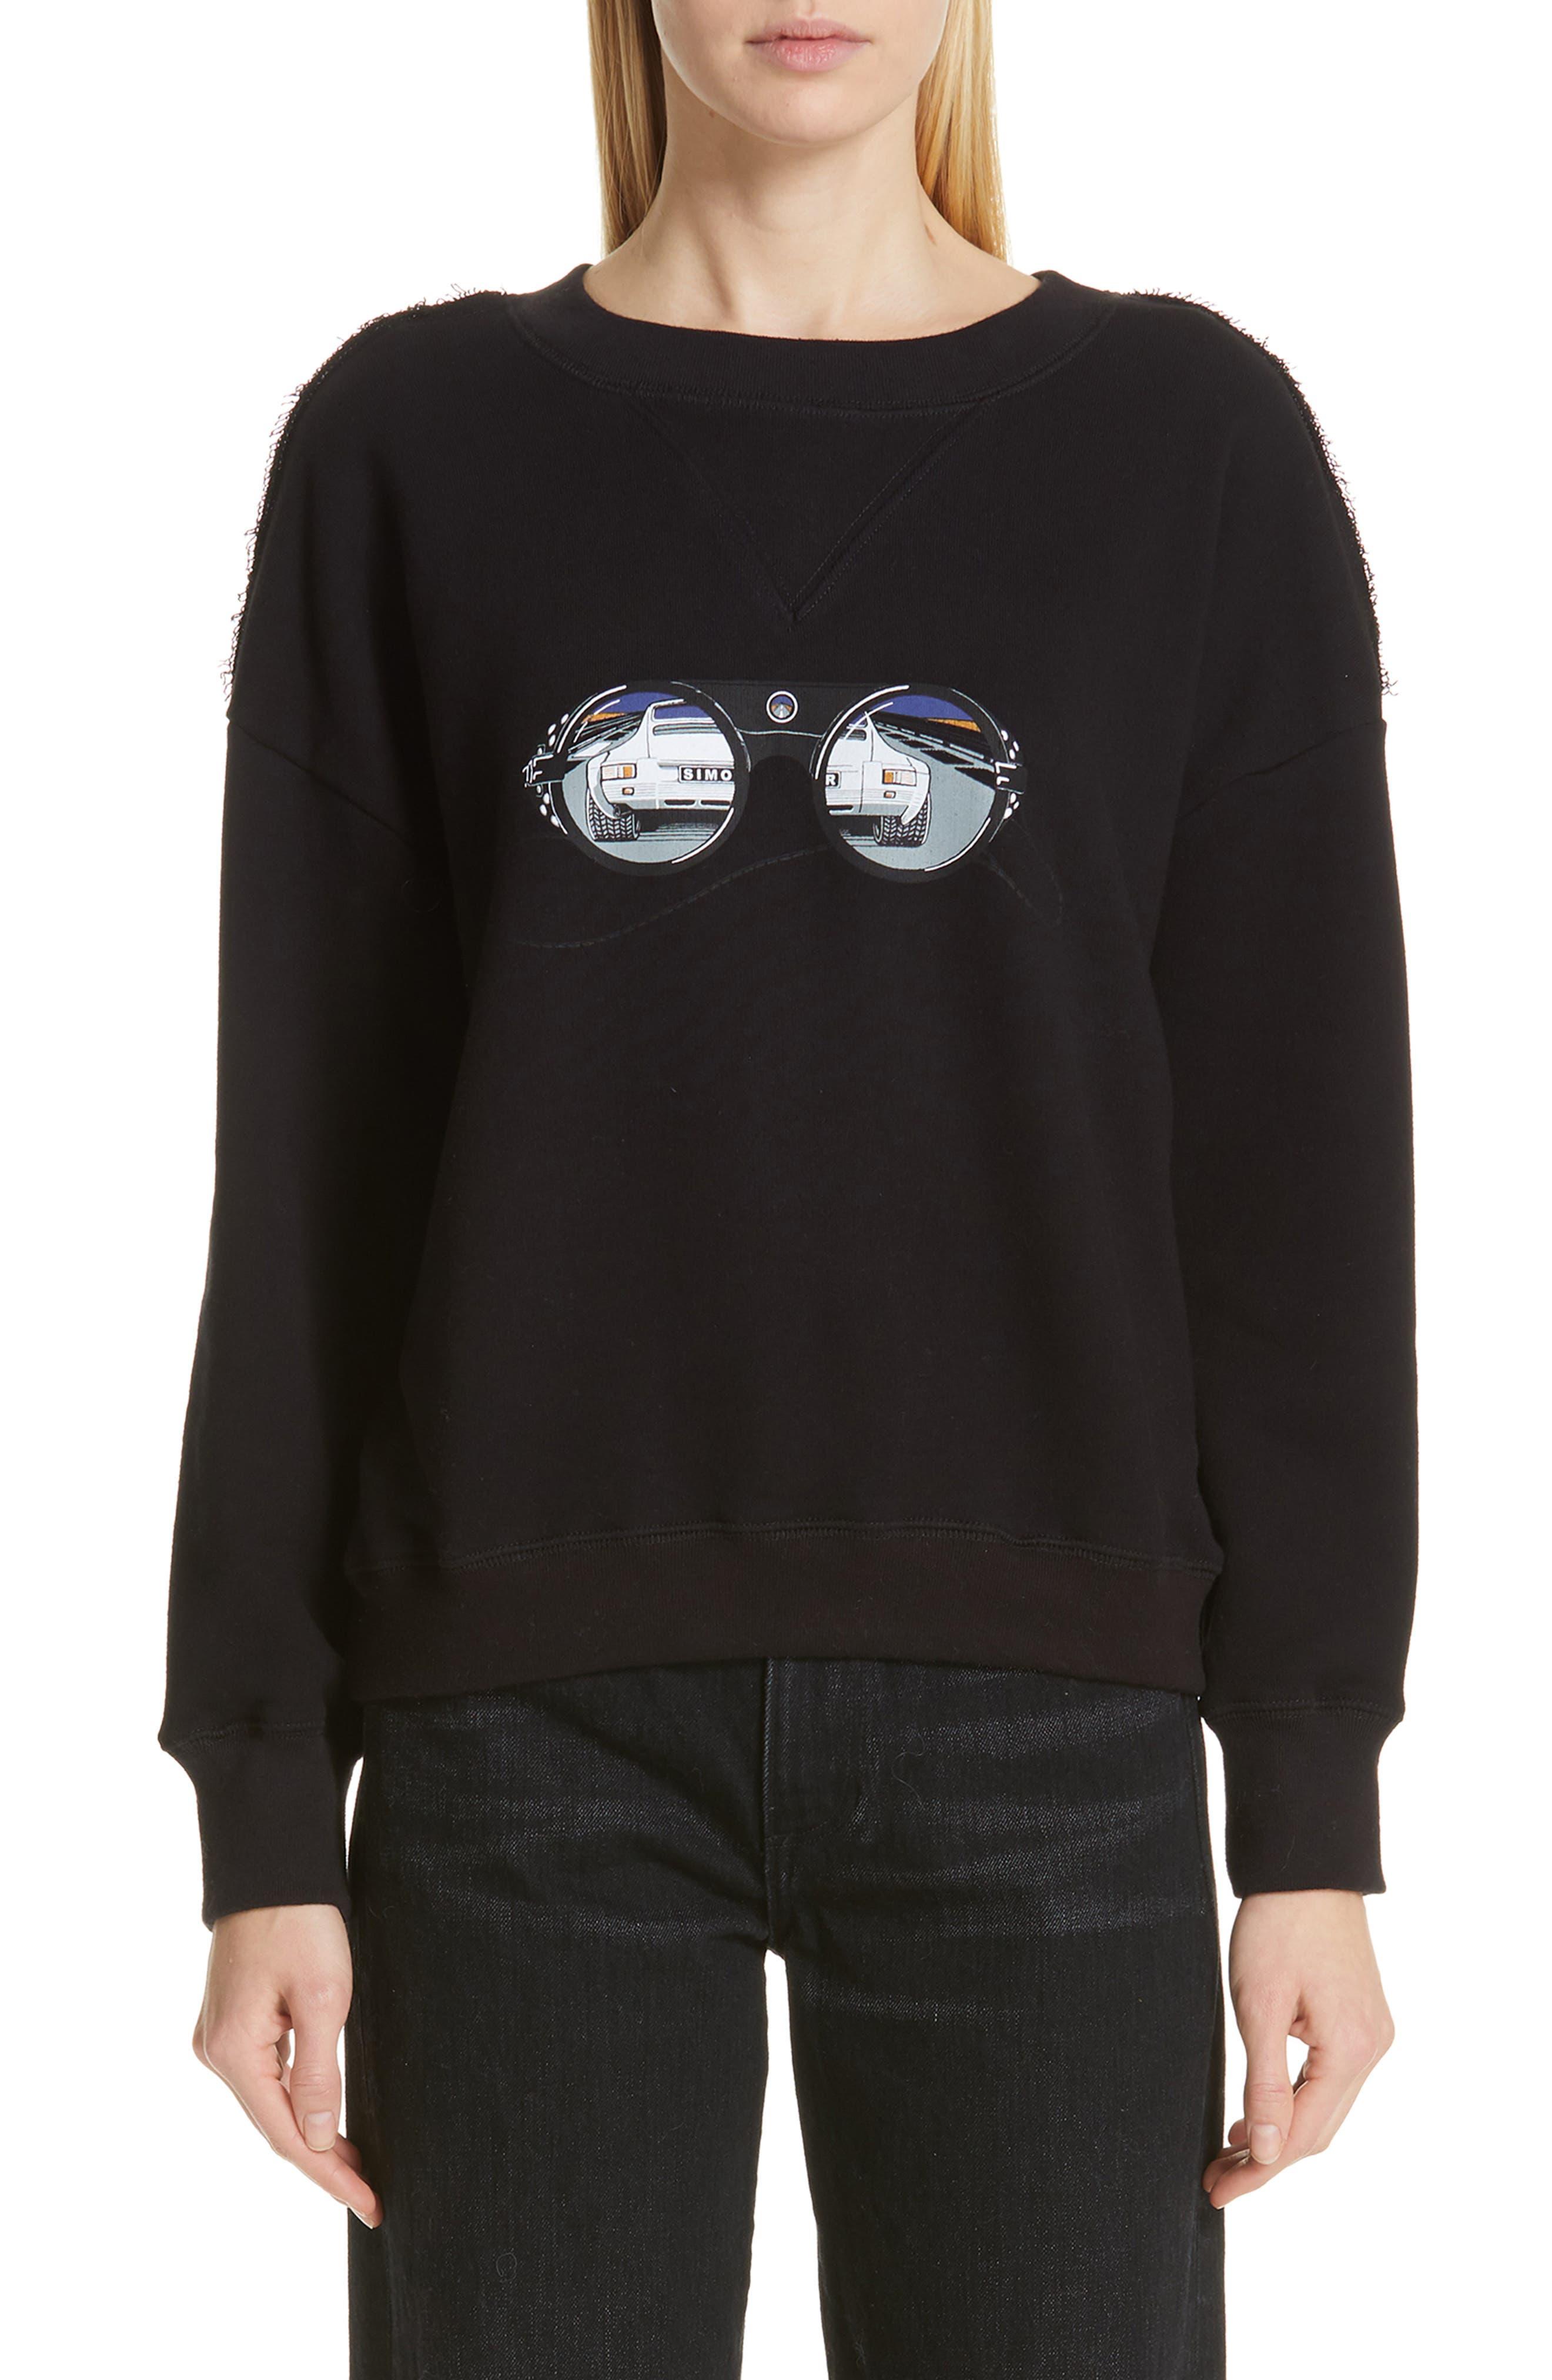 Simon Miller West Sweatshirt, Black (Nordstrom Exclusive)